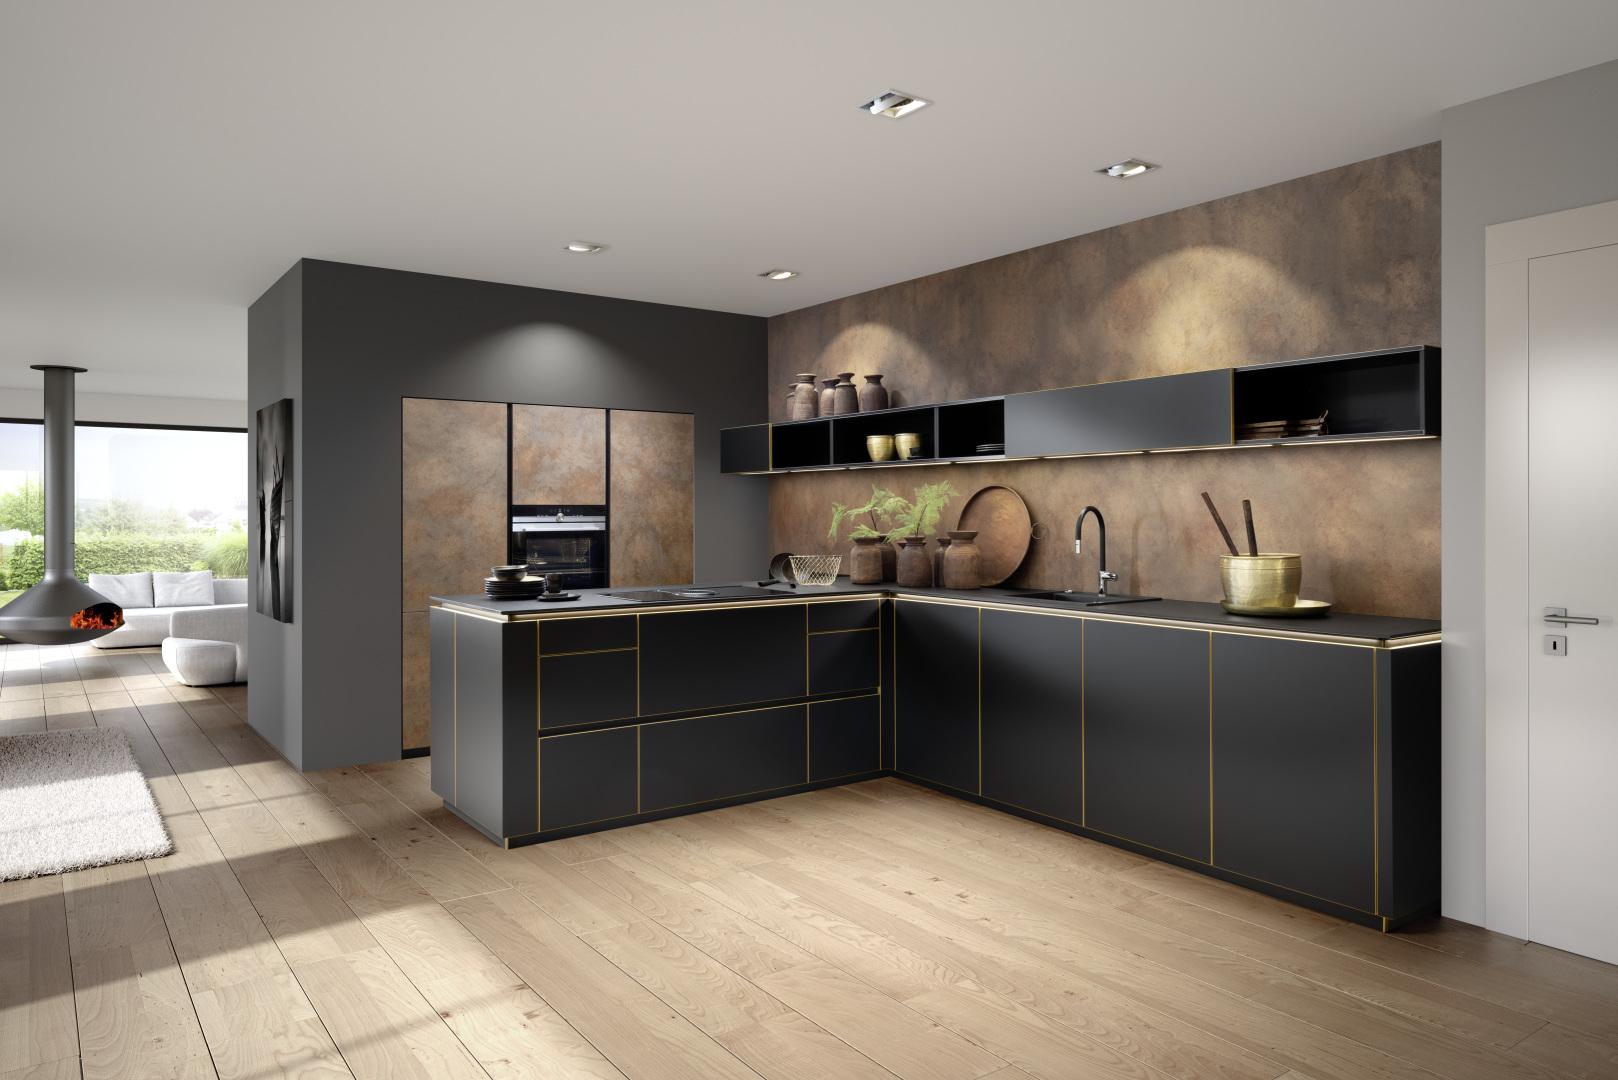 kchen online planen und kaufen design ein online with kchen online planen und kaufen kche. Black Bedroom Furniture Sets. Home Design Ideas